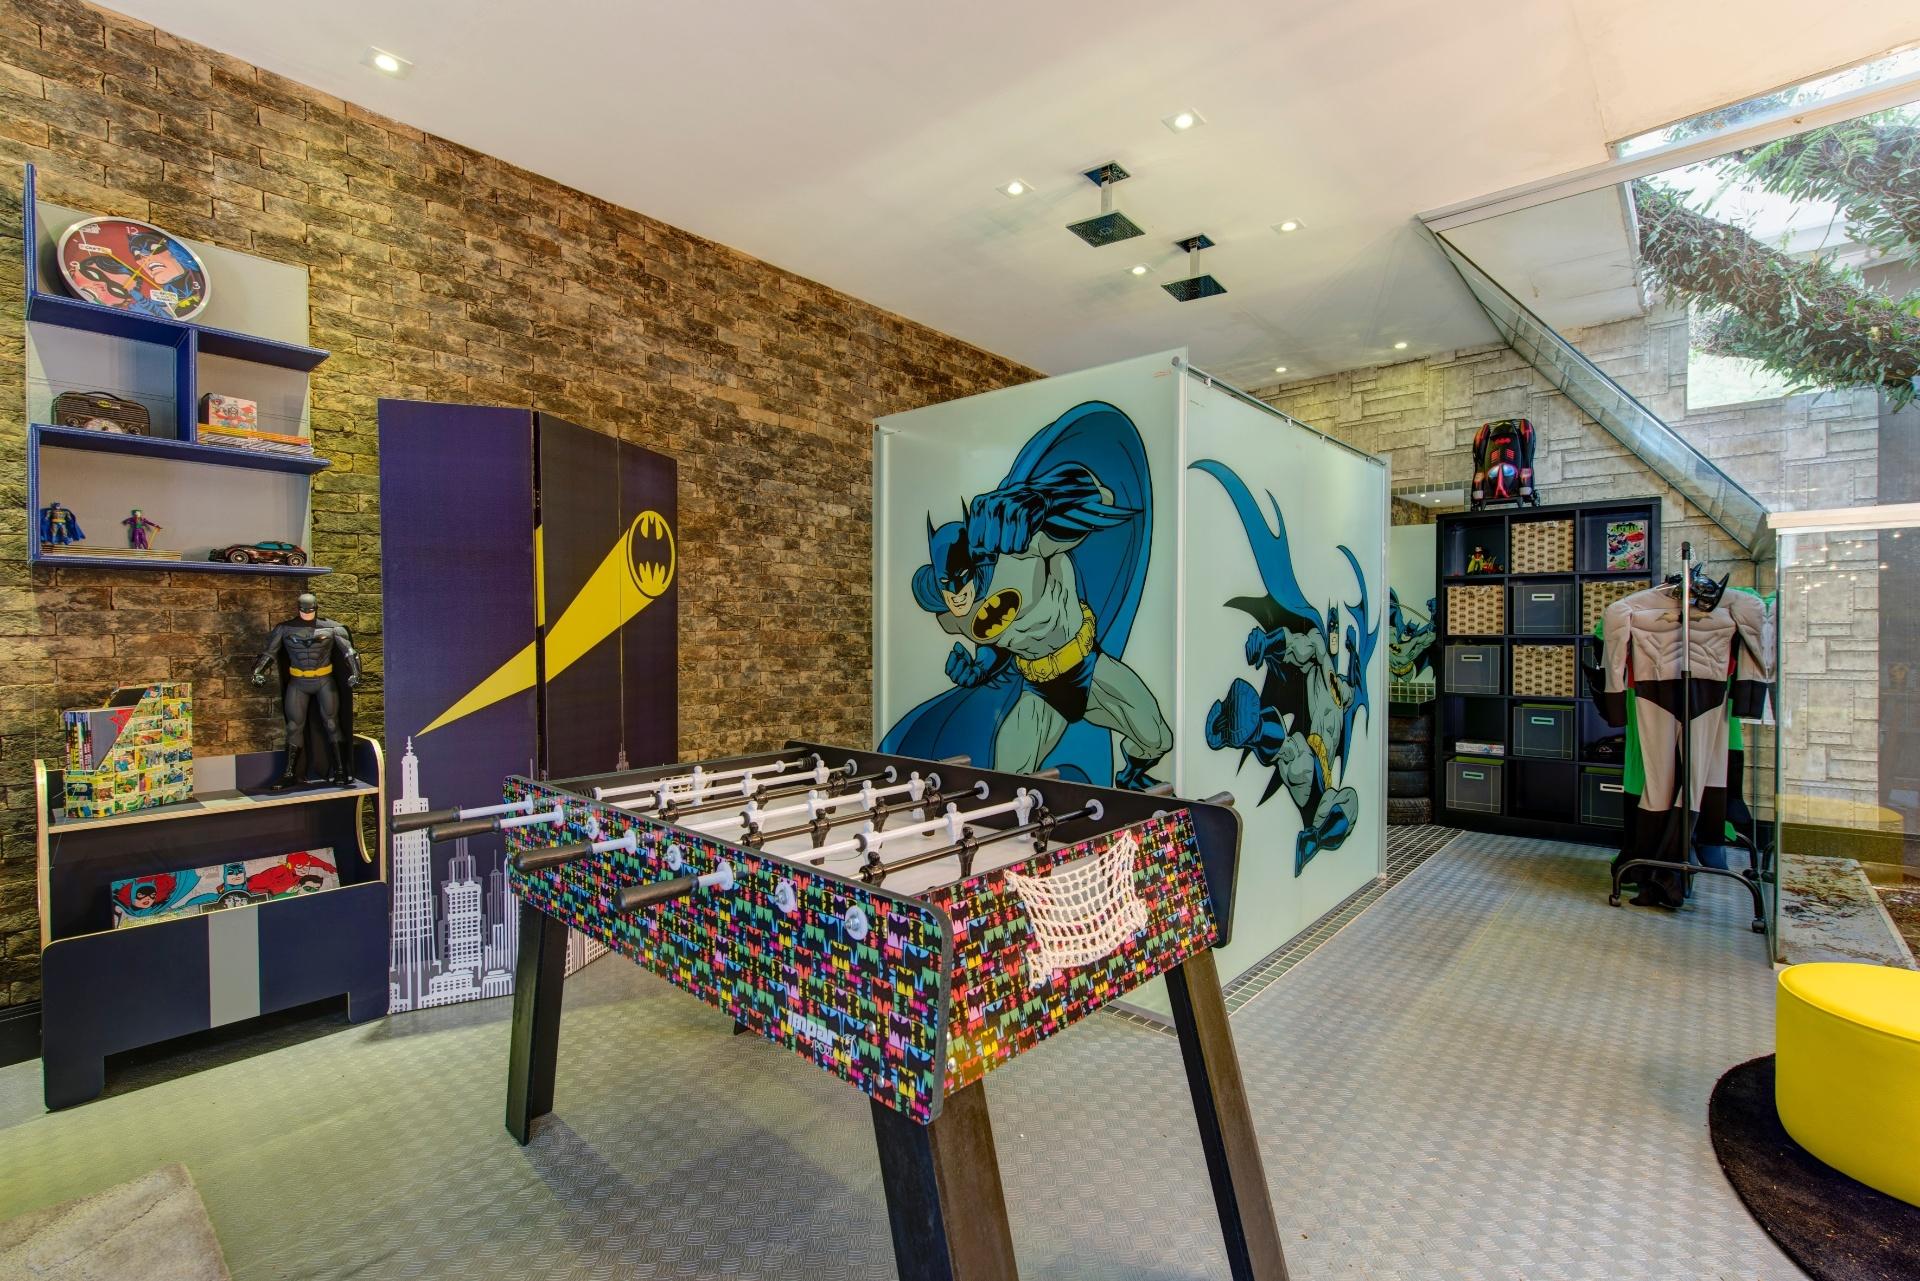 A arquiteta Maite Maiani assina a Brinquedoteca, uma área de 240 m² dividida em dois ambientes: o espaço inspirado pelo Batman (foto) e outro com o tema